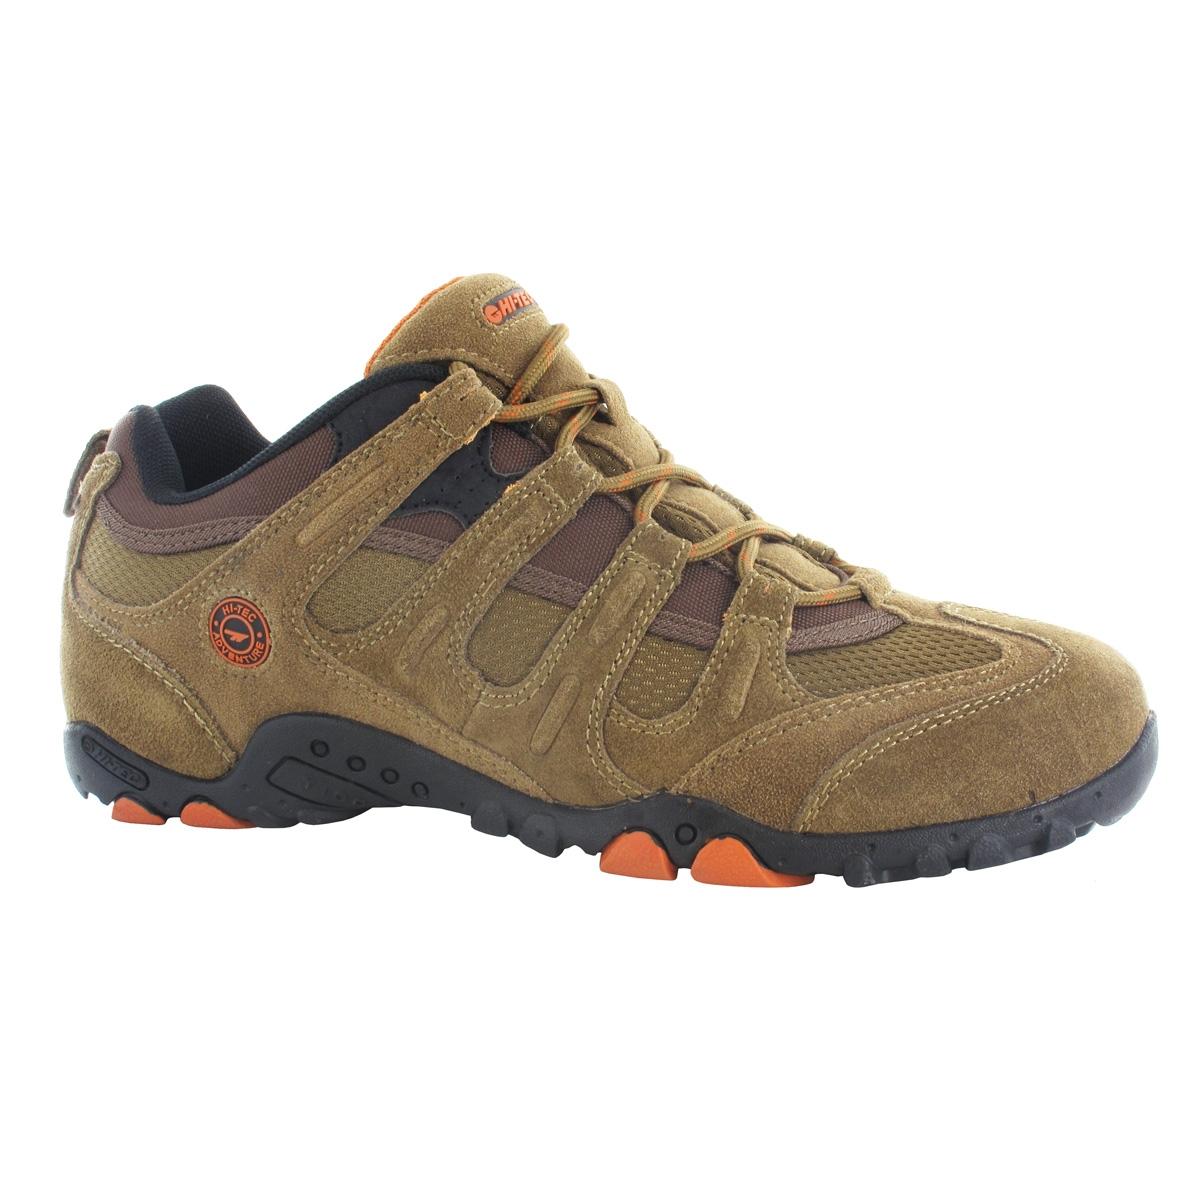 Hi-Tec Quadra Classic Walking Shoes